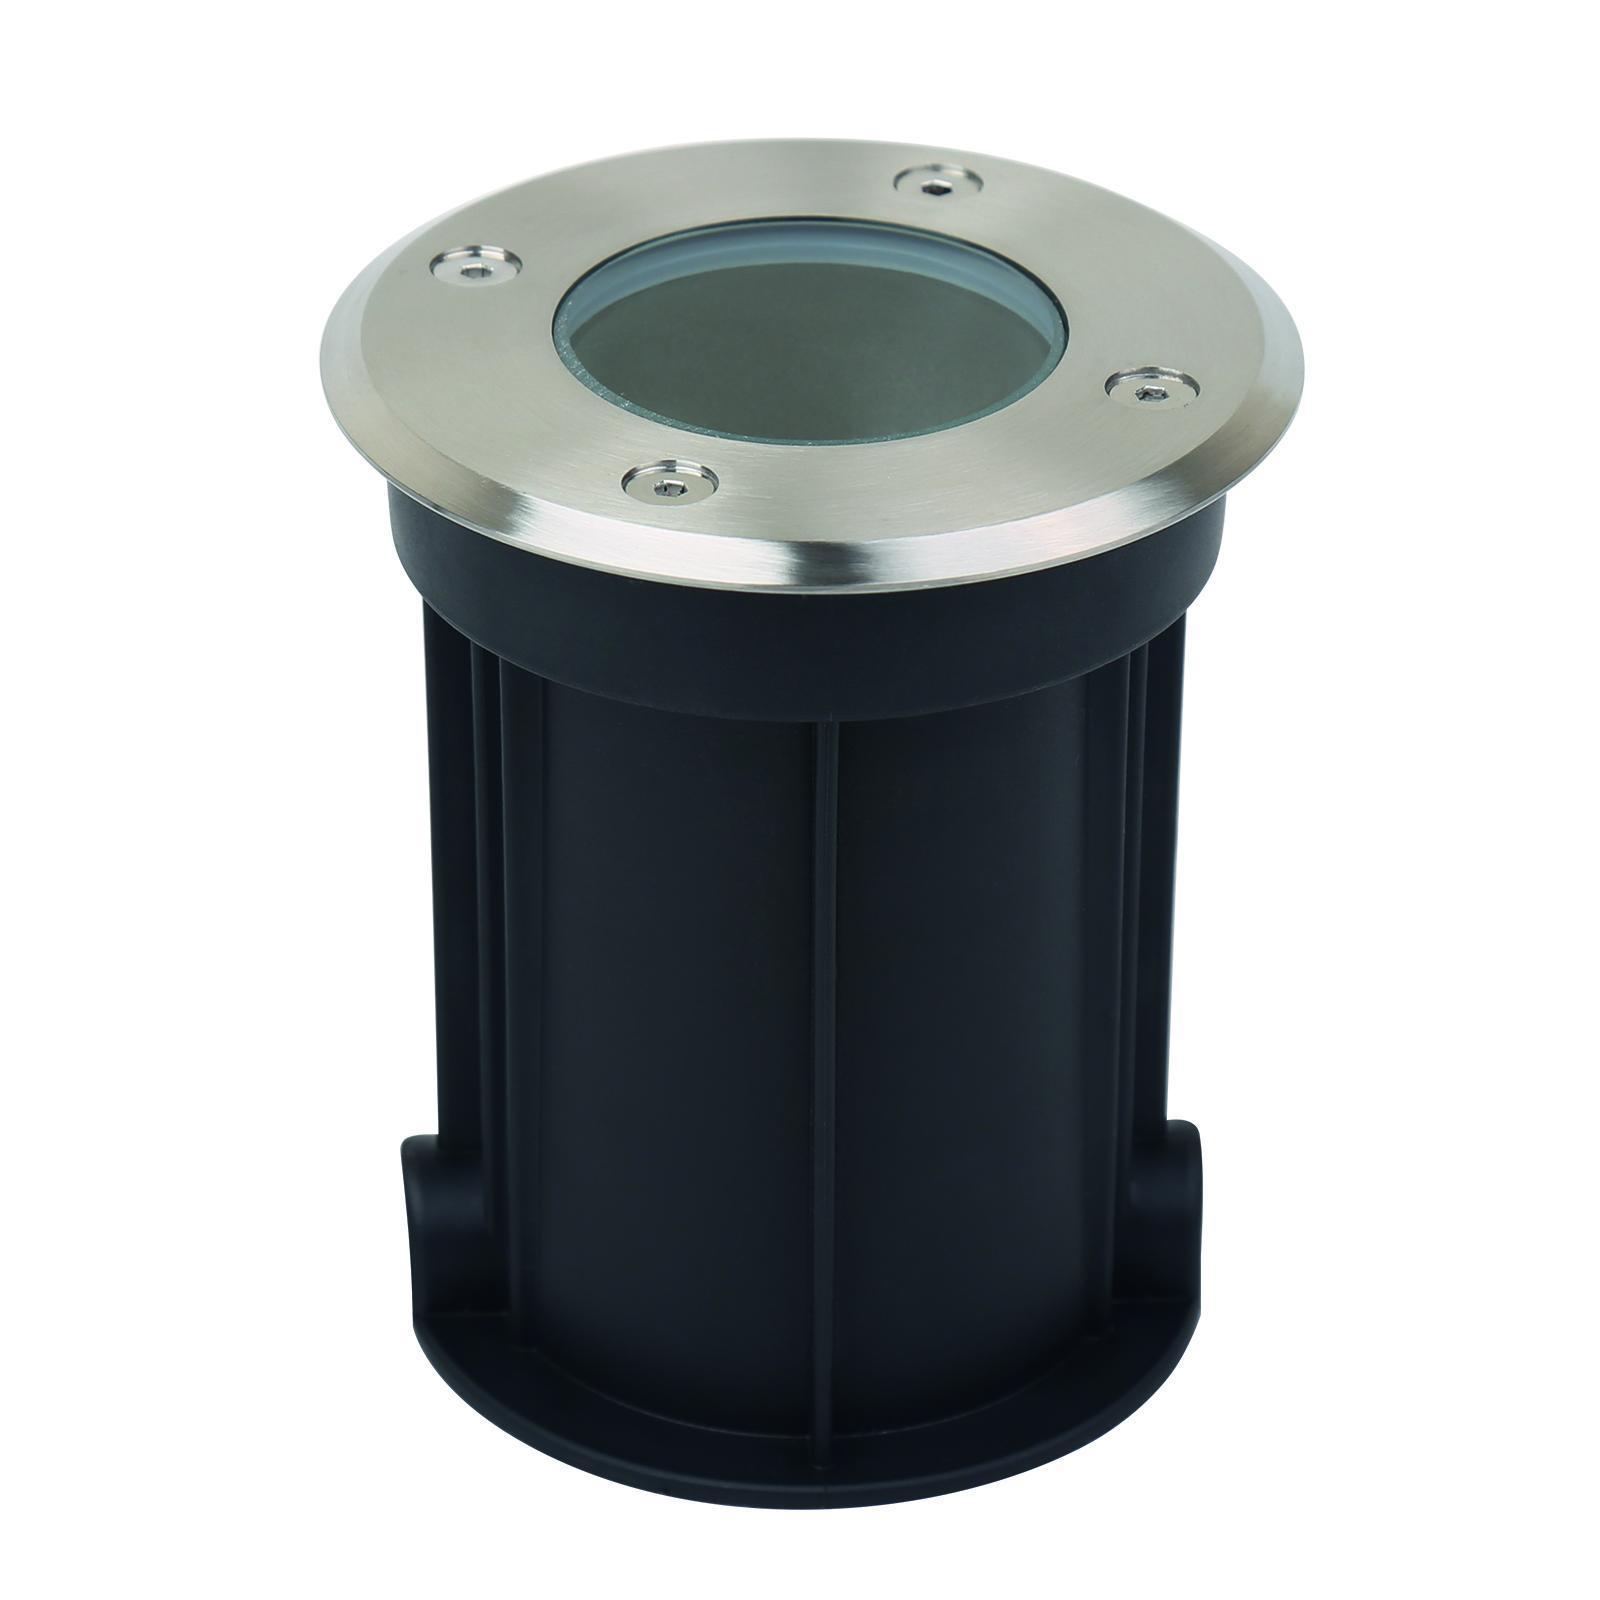 SPECTRUM Nájezdové svítidlo LUKKA GU10 IP67 SLIP012011